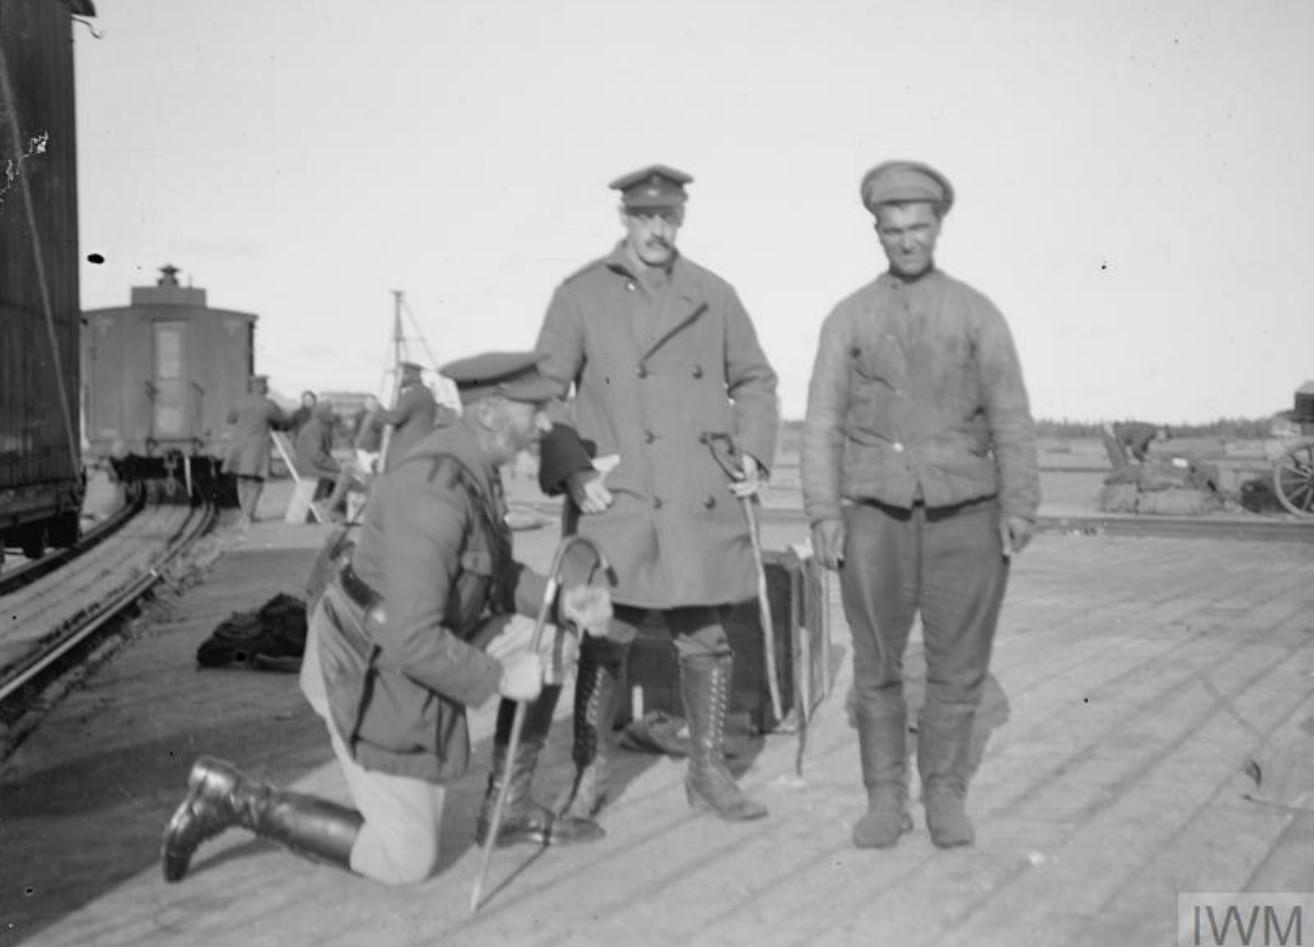 1919. Заключенные большевики и слуга капитана Бленнерхассетта  в Мурманске